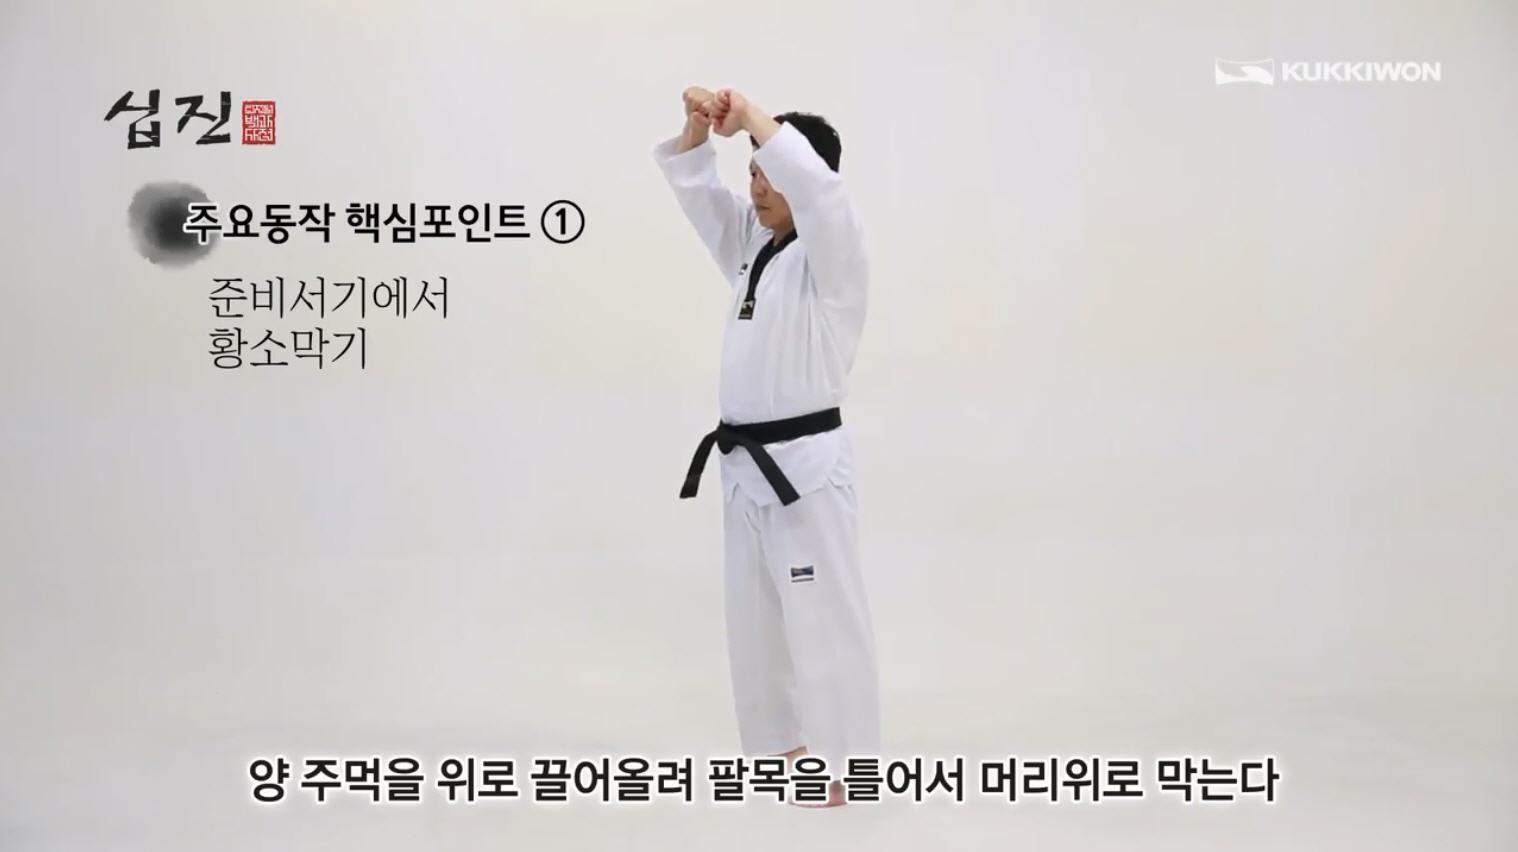 Details about taekwondo poomsae textbook korean english 1 dvd.